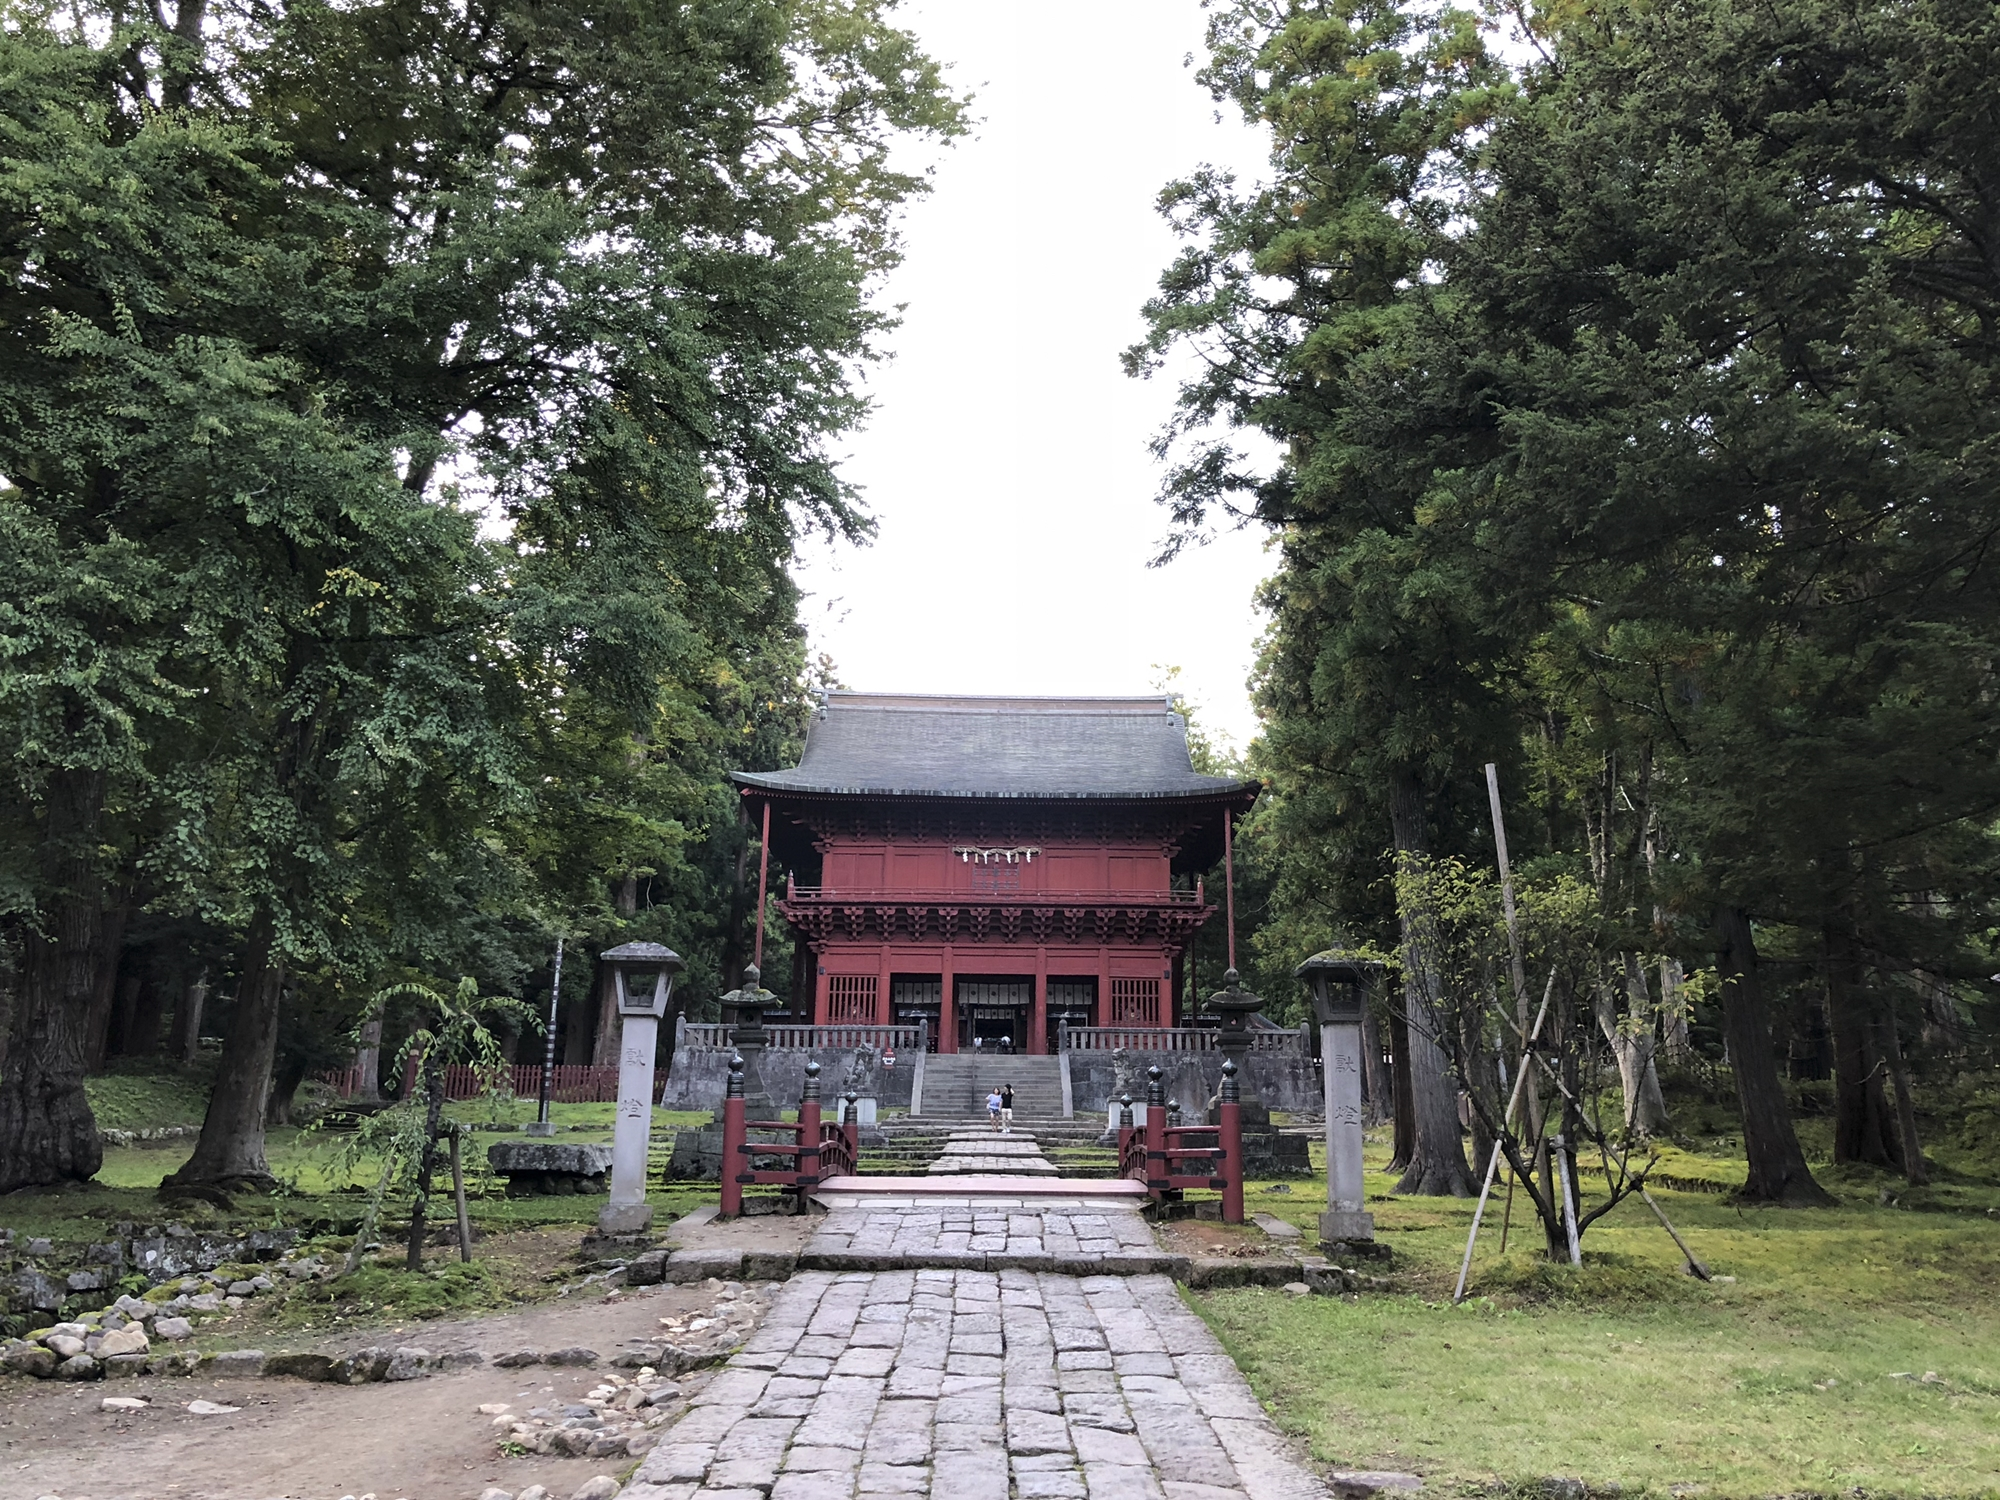 f:id:mitatowa:20181005184147j:plain